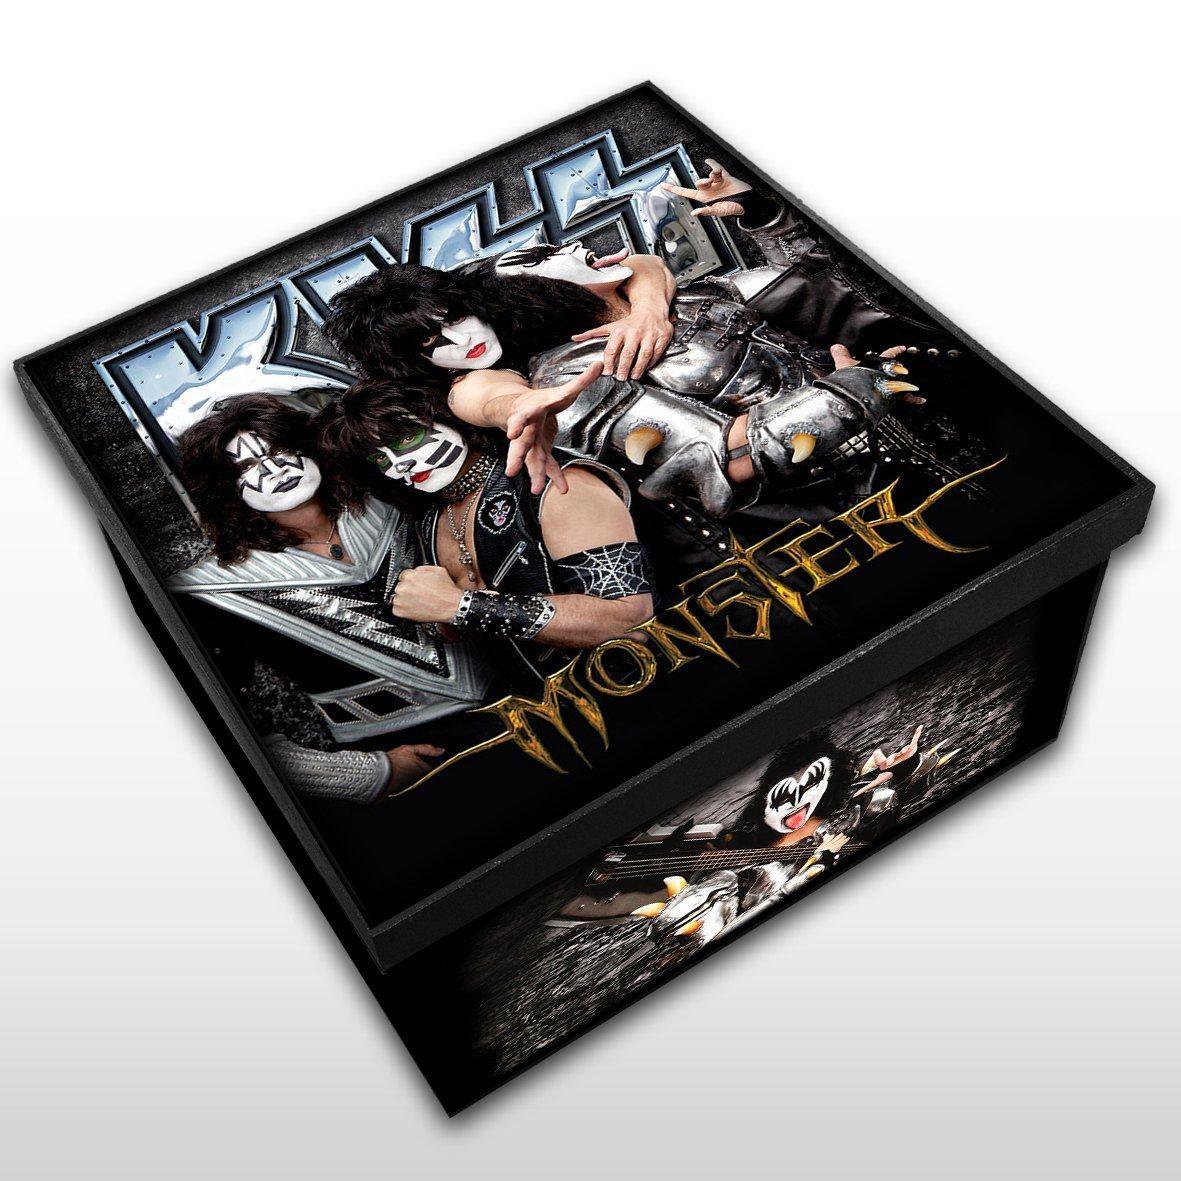 Kiss - Monster - Caixa em Madeira MDF - Tamanho Médio - Mr. Rock